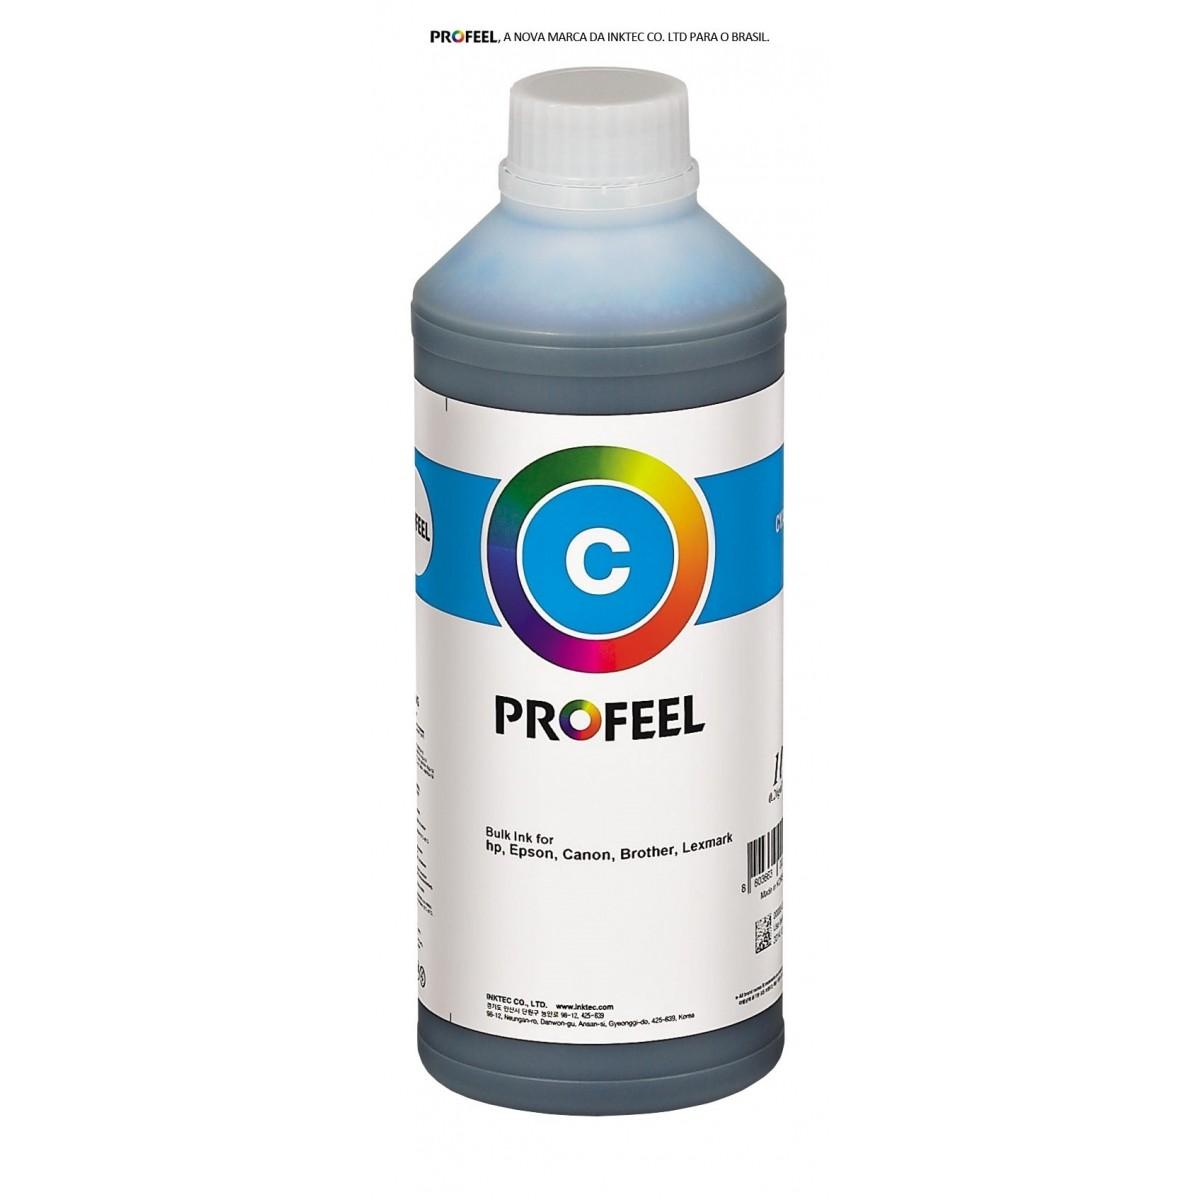 Tinta pigmentada InkTec Profeel para Epson | modelo E0013-01LC | Frasco de 1 litro | Cor : Ciano